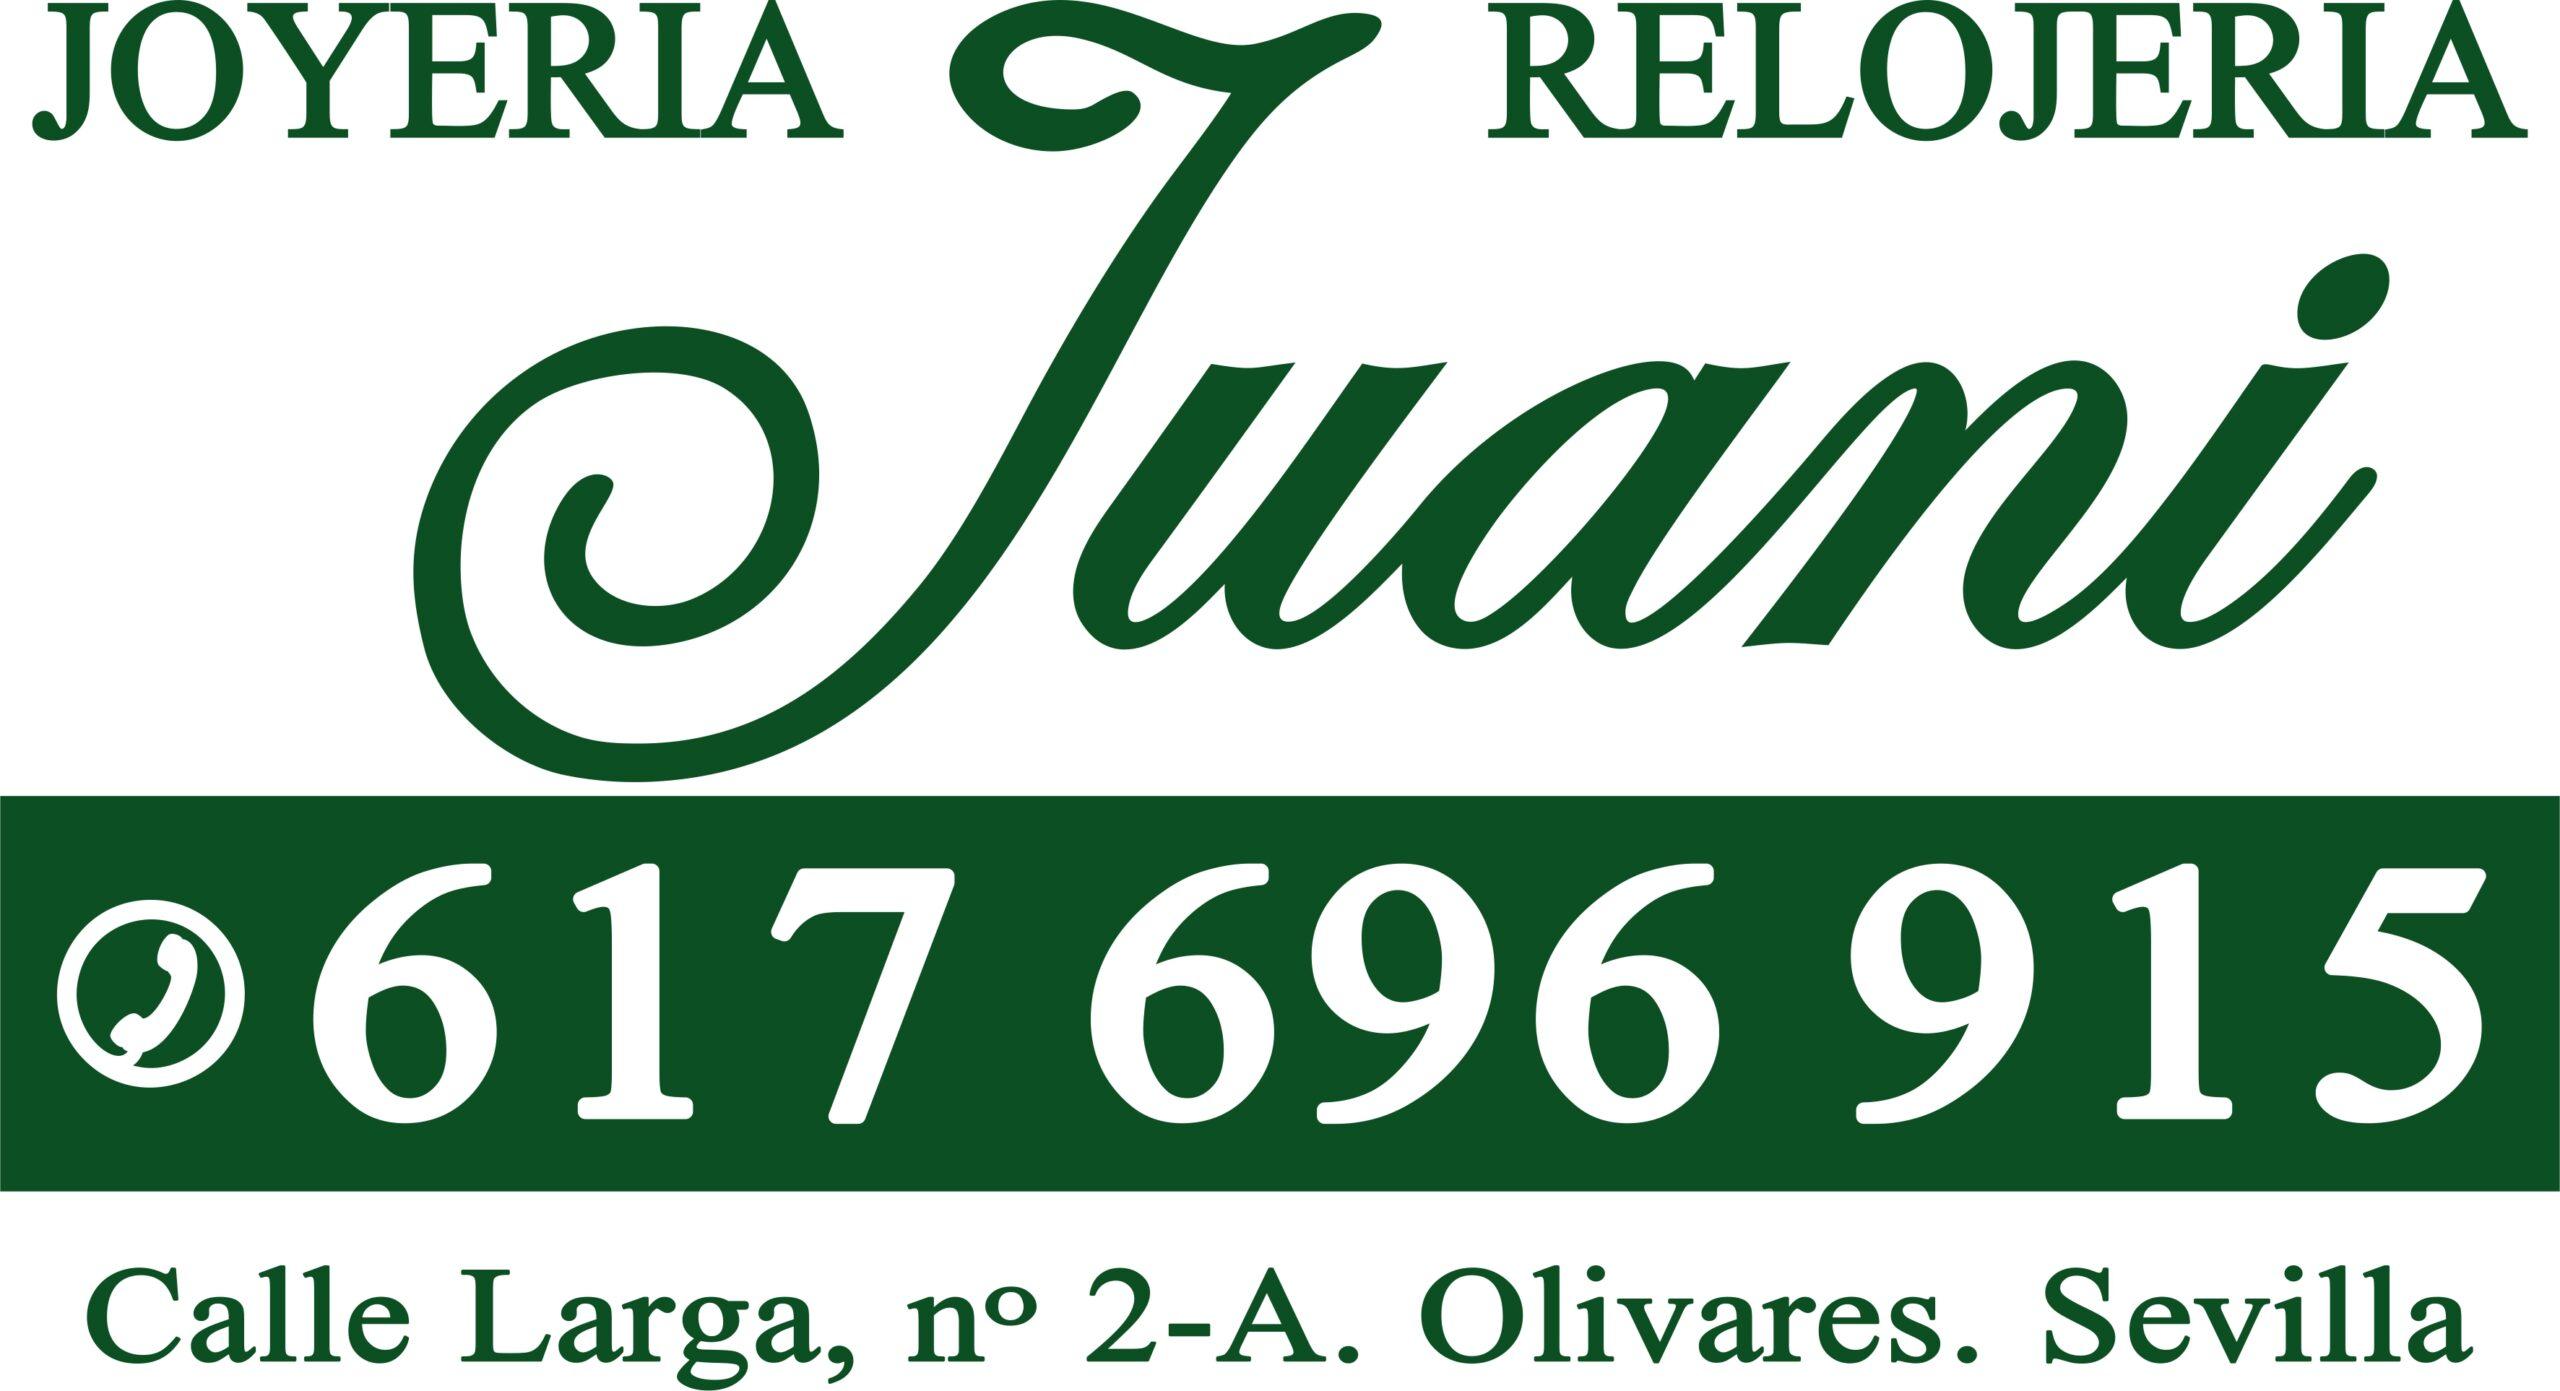 Joyería Juani